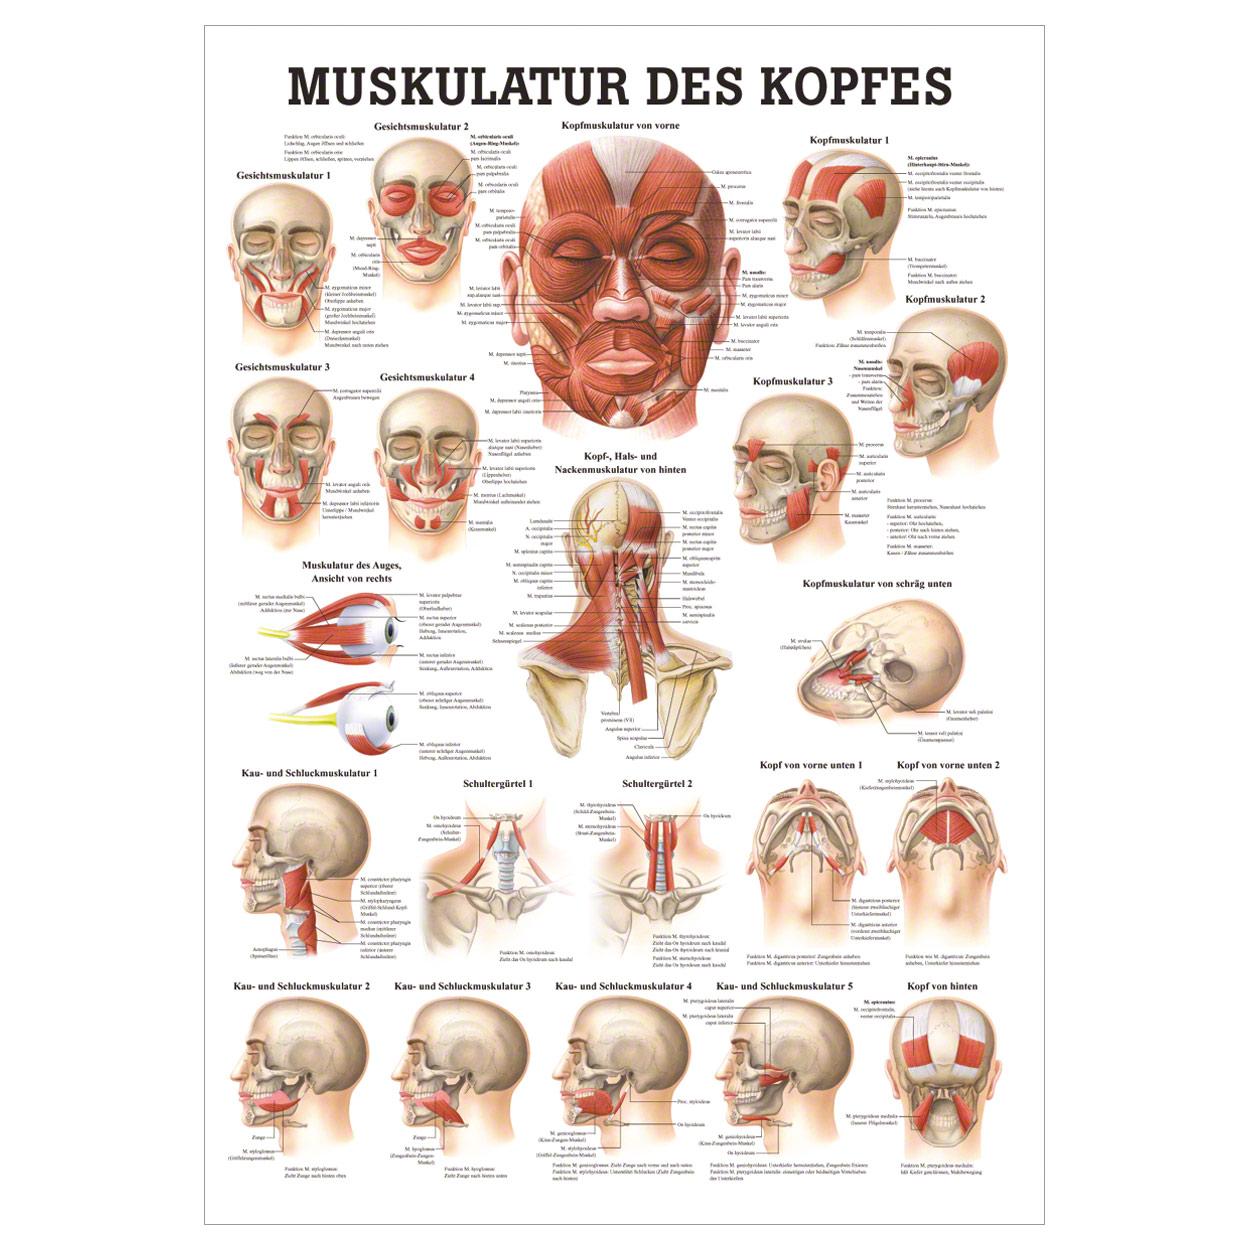 Muskulatur des Kopfes Mini-Poster Anatomie 34x24 cm medizinische ...